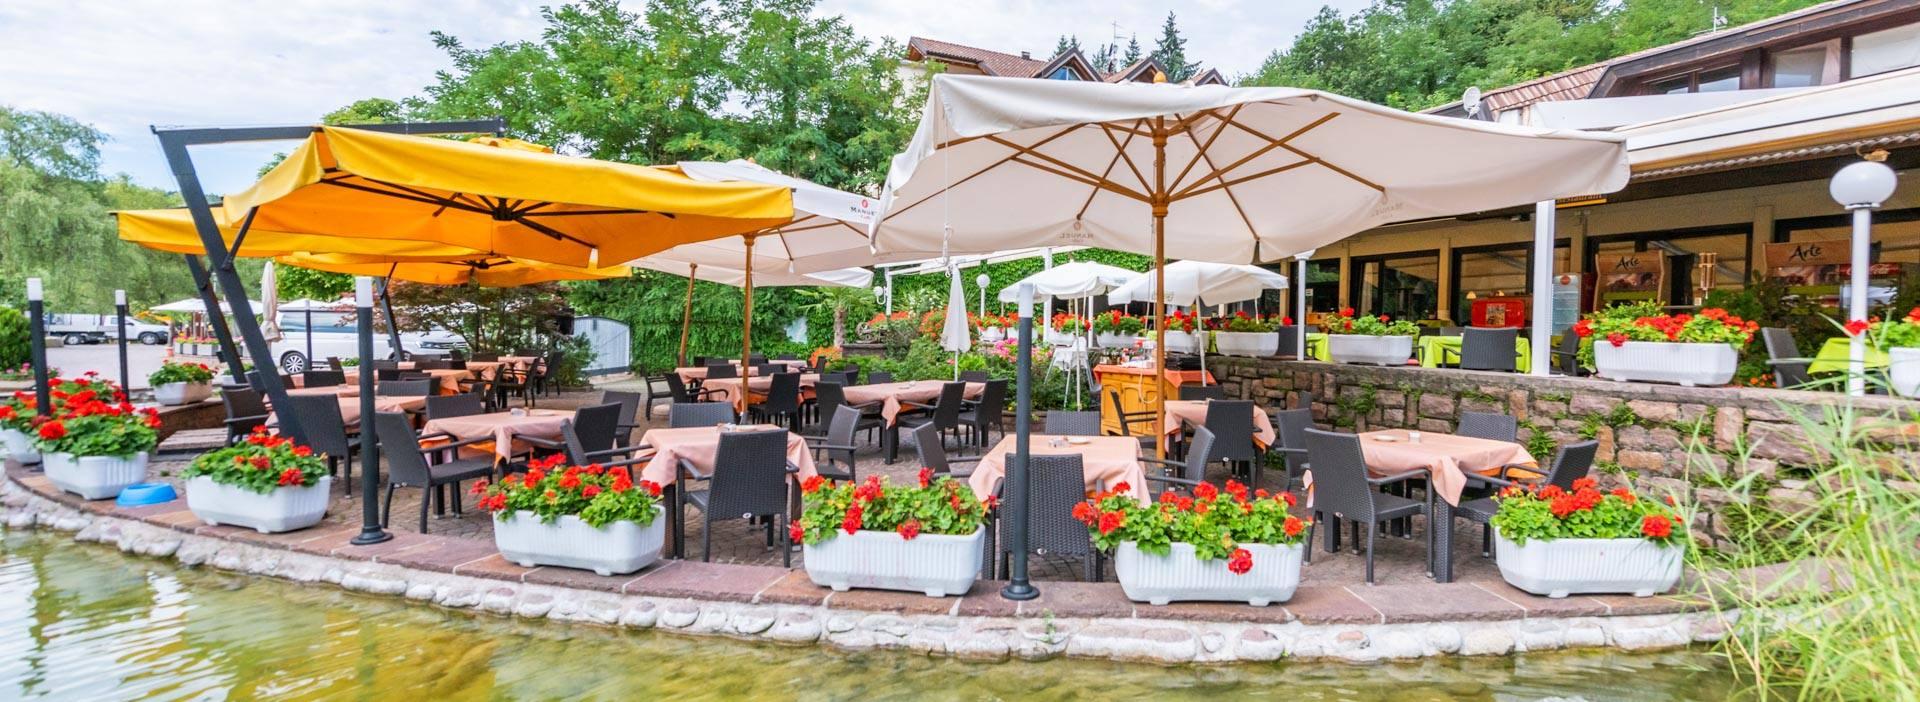 Restaurant Montiggler See